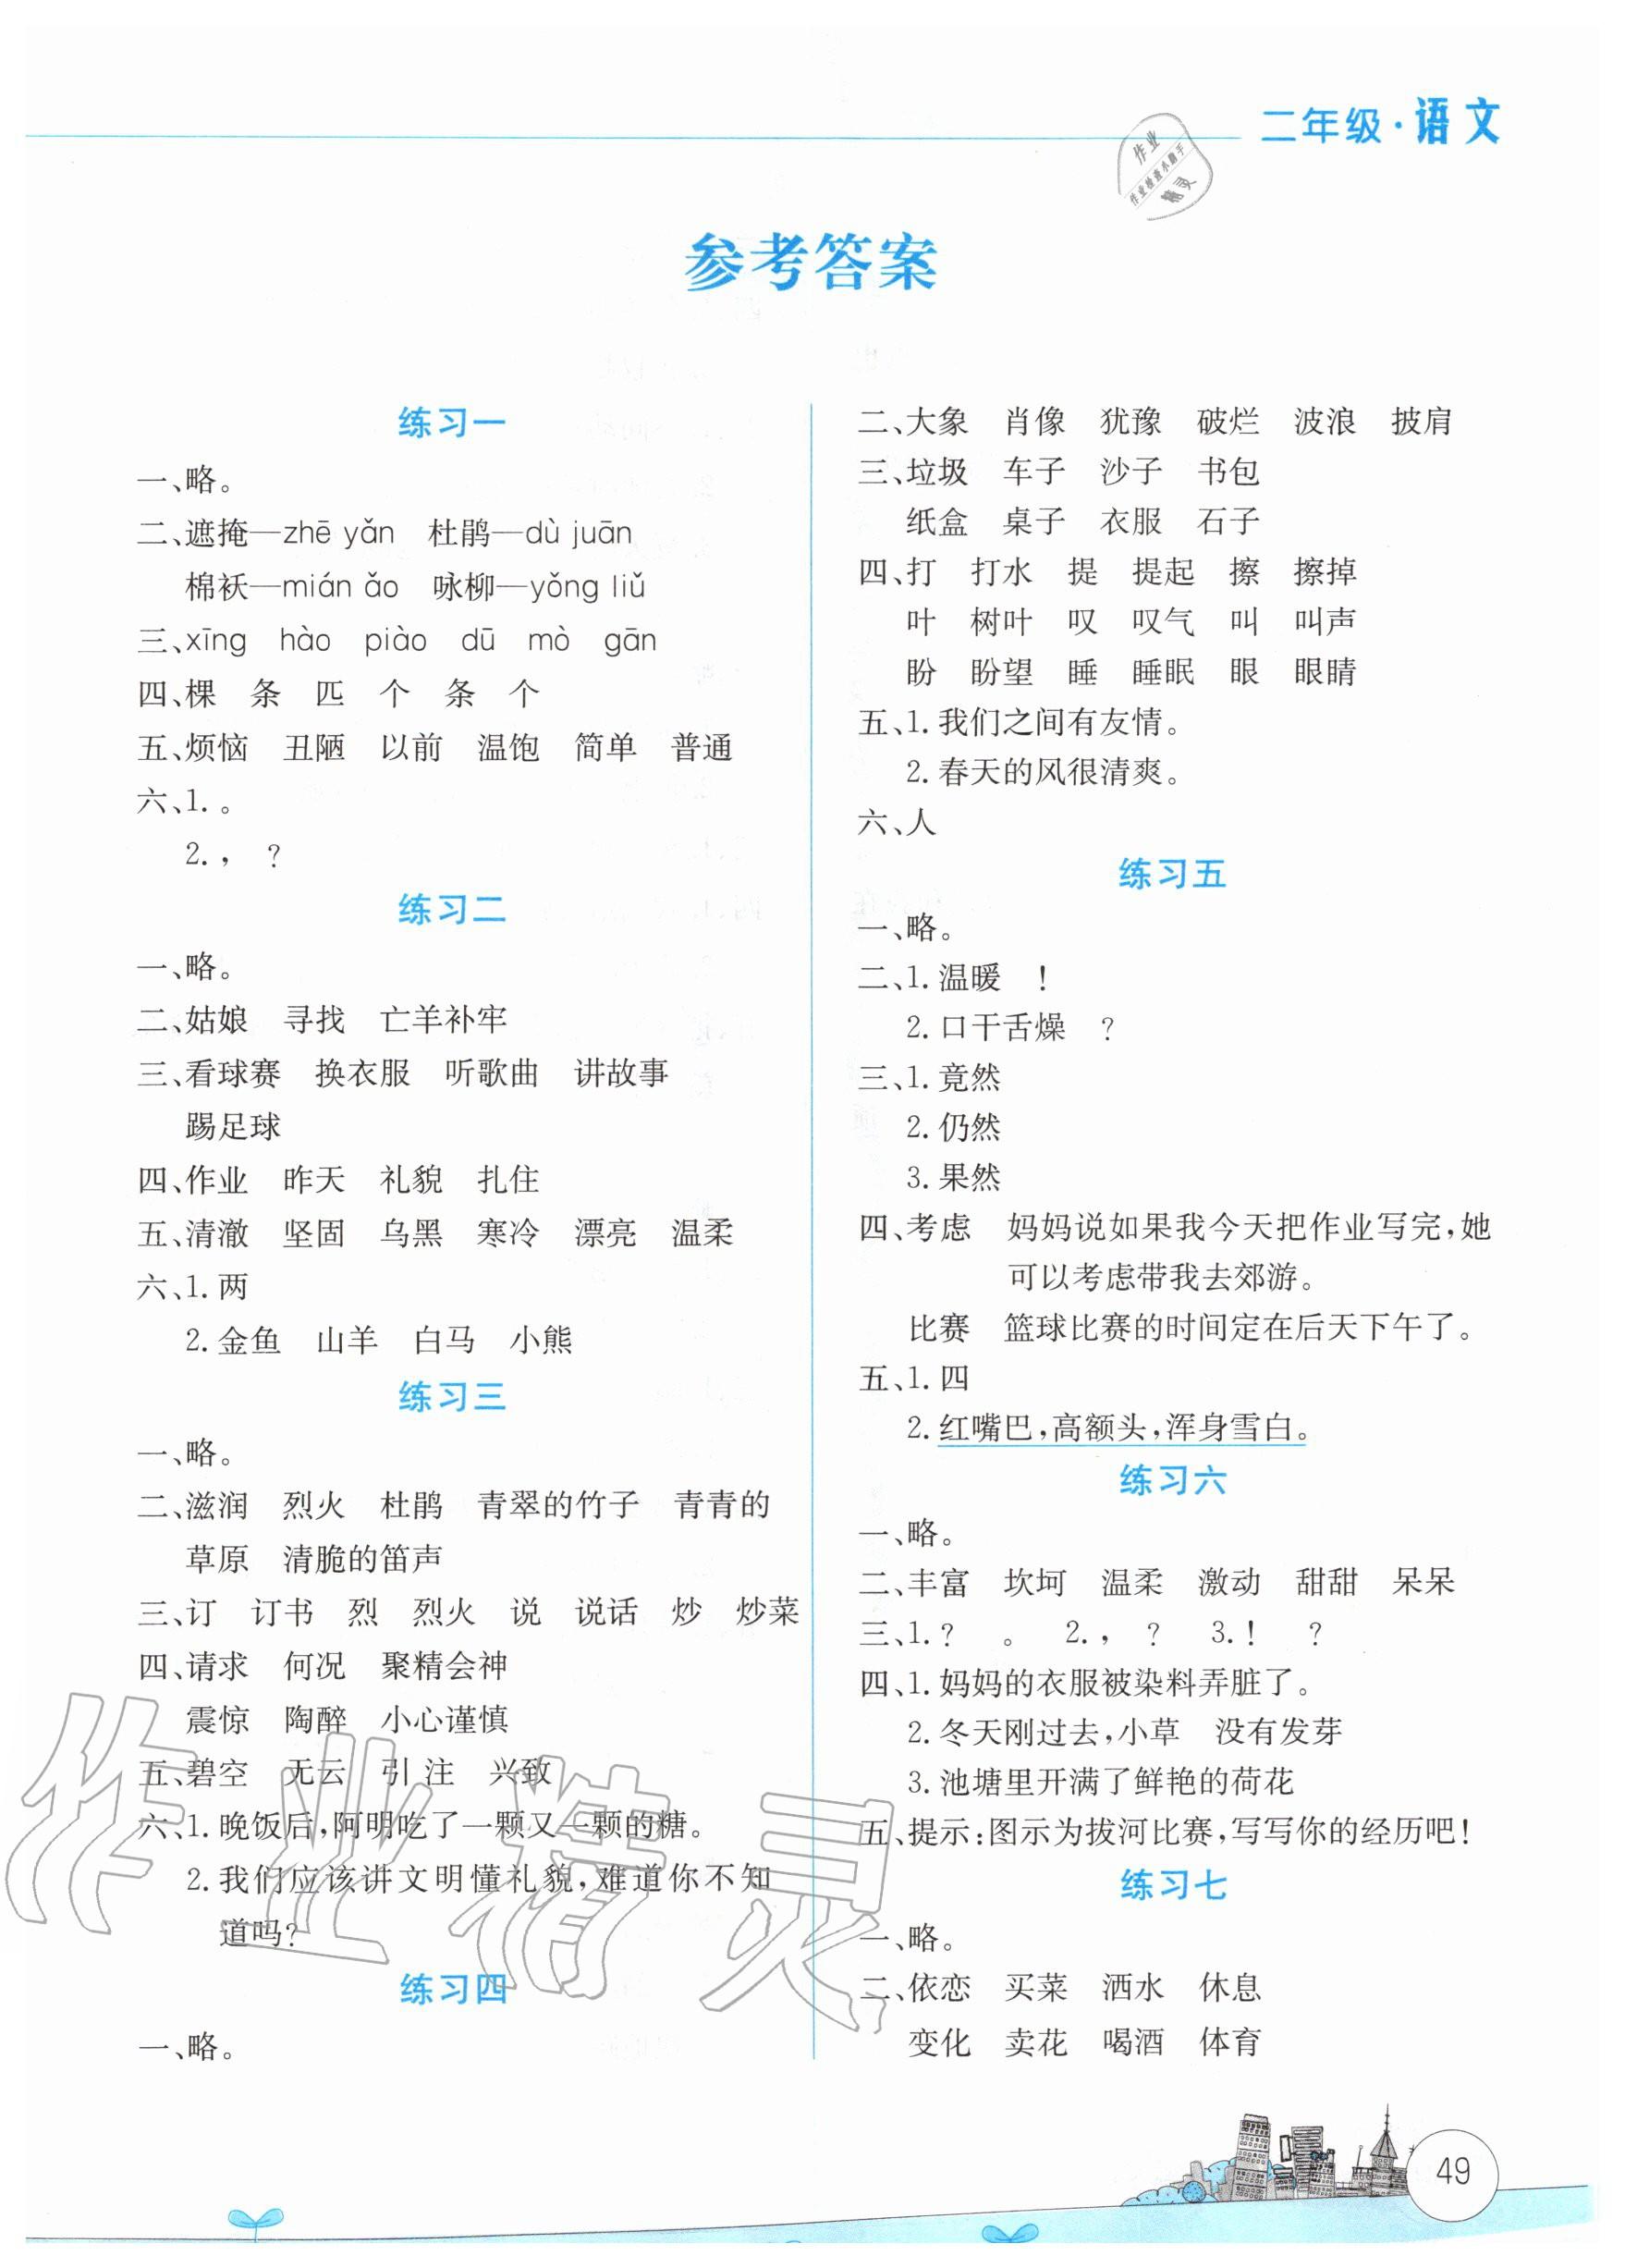 2020年暑假活动边学边玩二年级语文云南大学出版社第1页